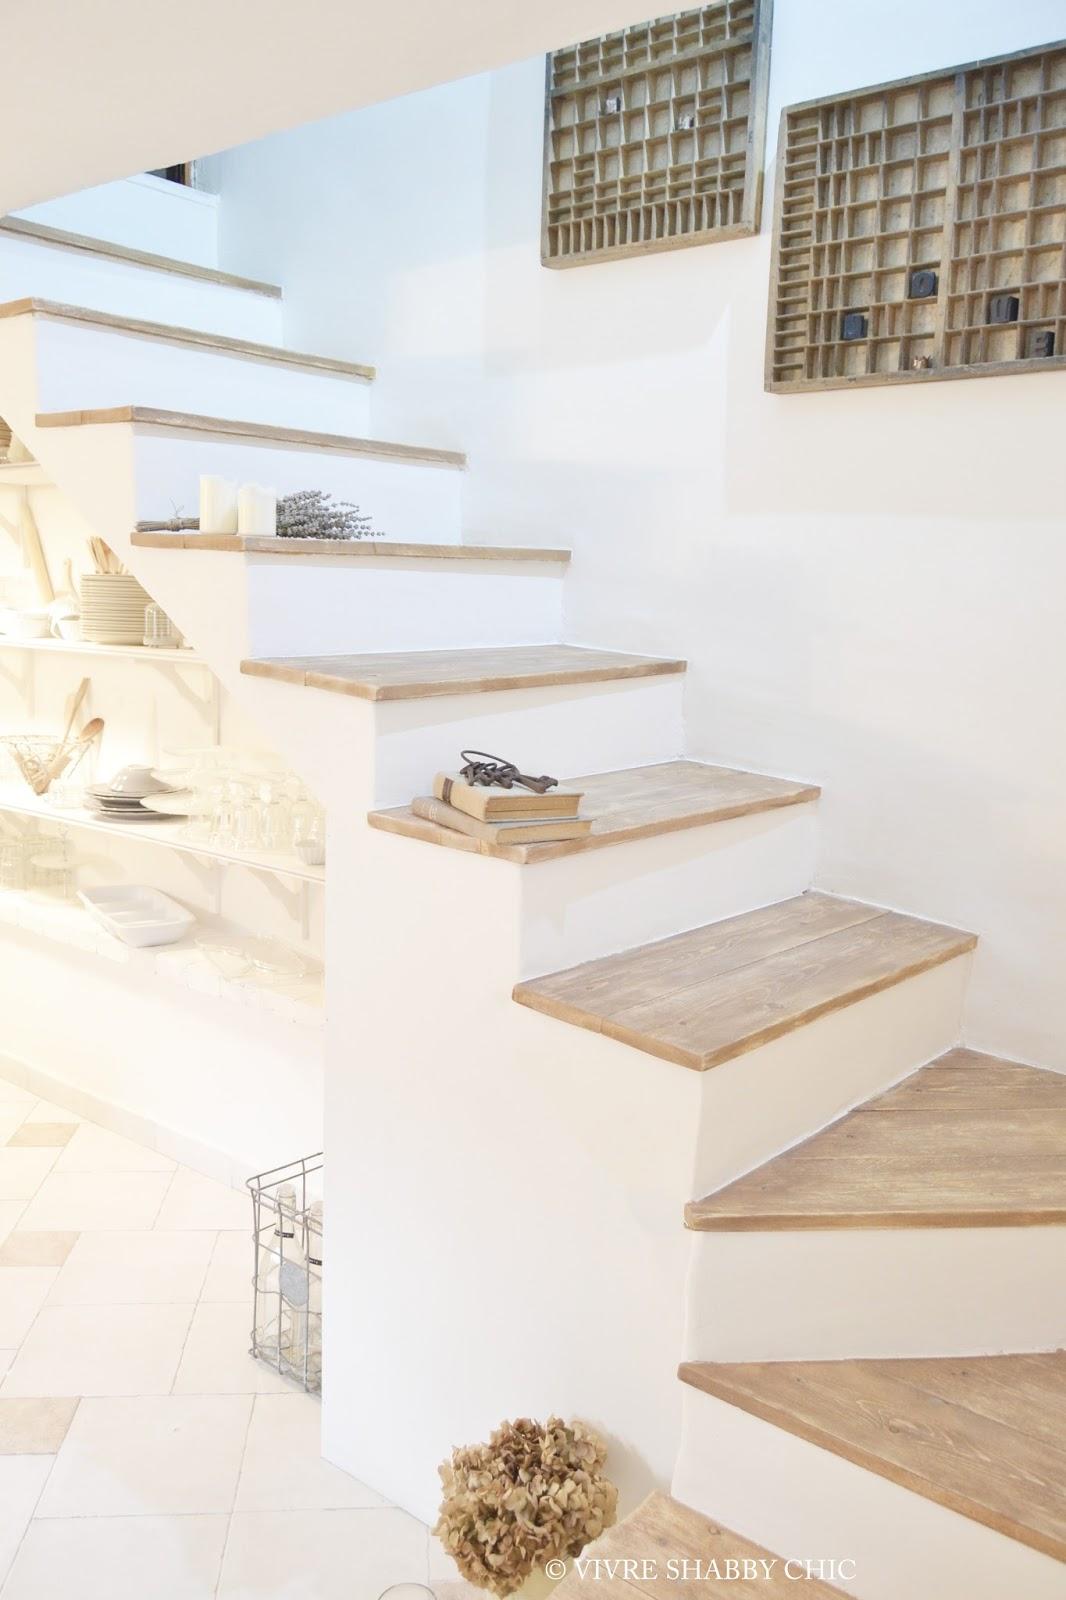 Vivre shabby chic casa rivestire in legno una scala interna for Case interne